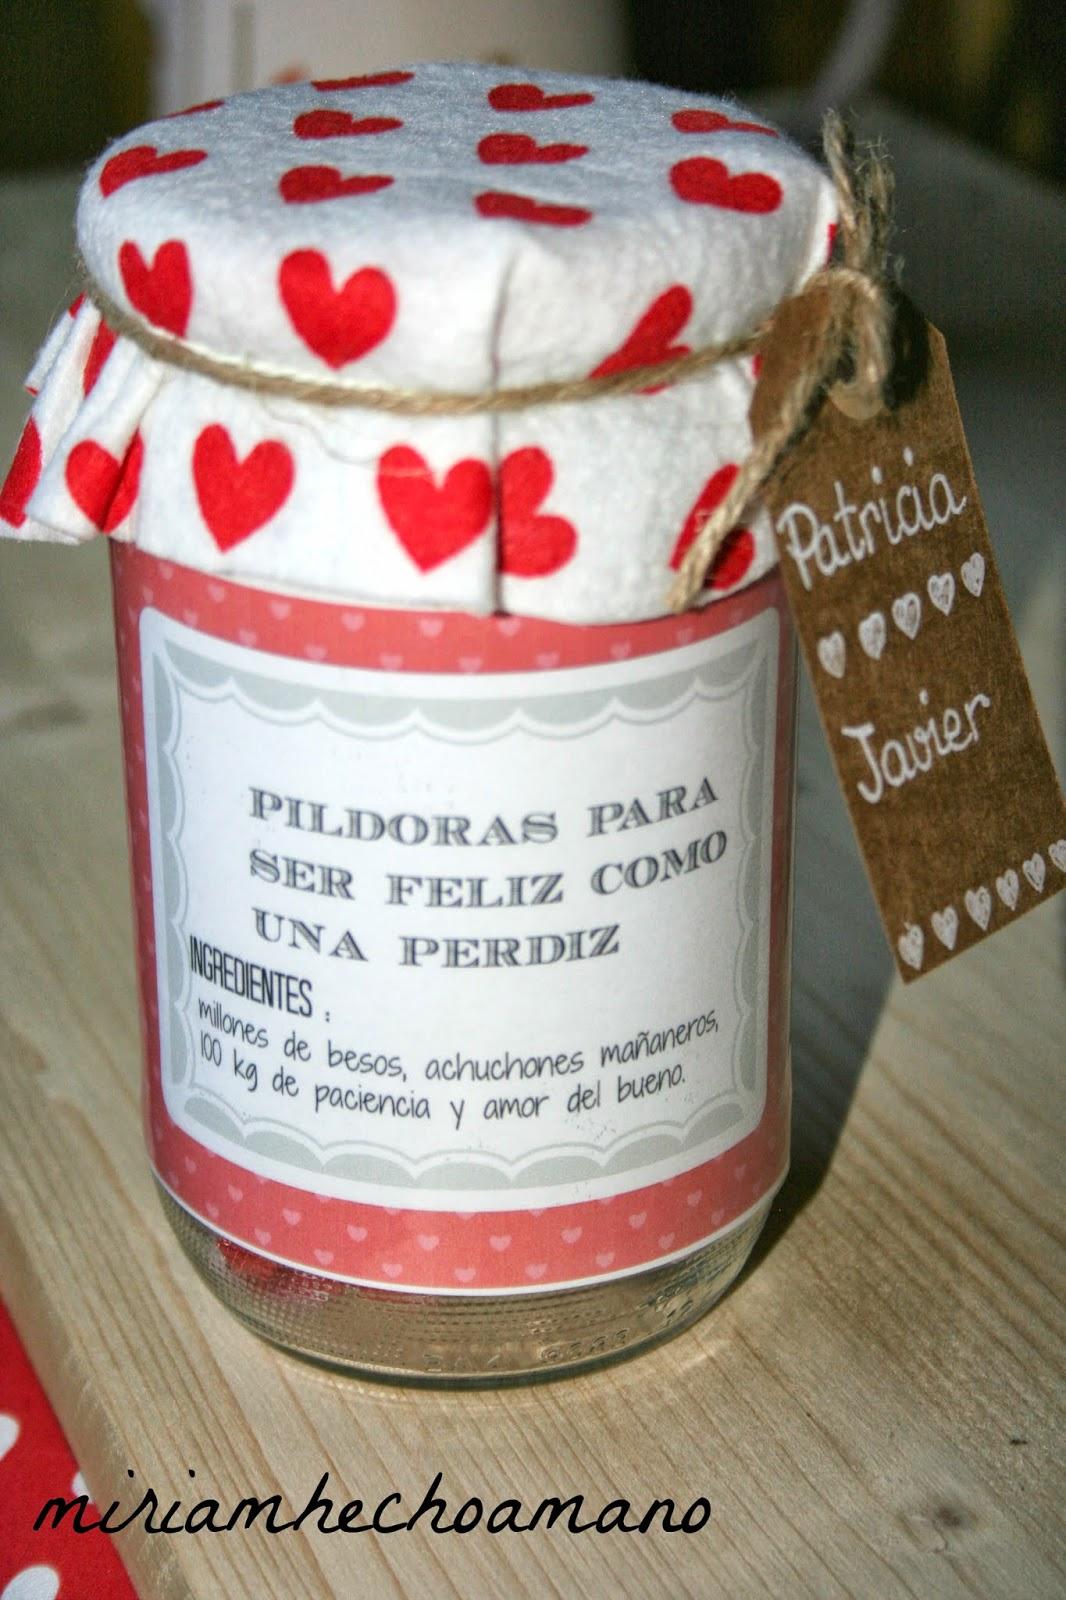 Miriam hecho a mano pildoras para ser feliz como una perdiz - Regalos originales para casa ...